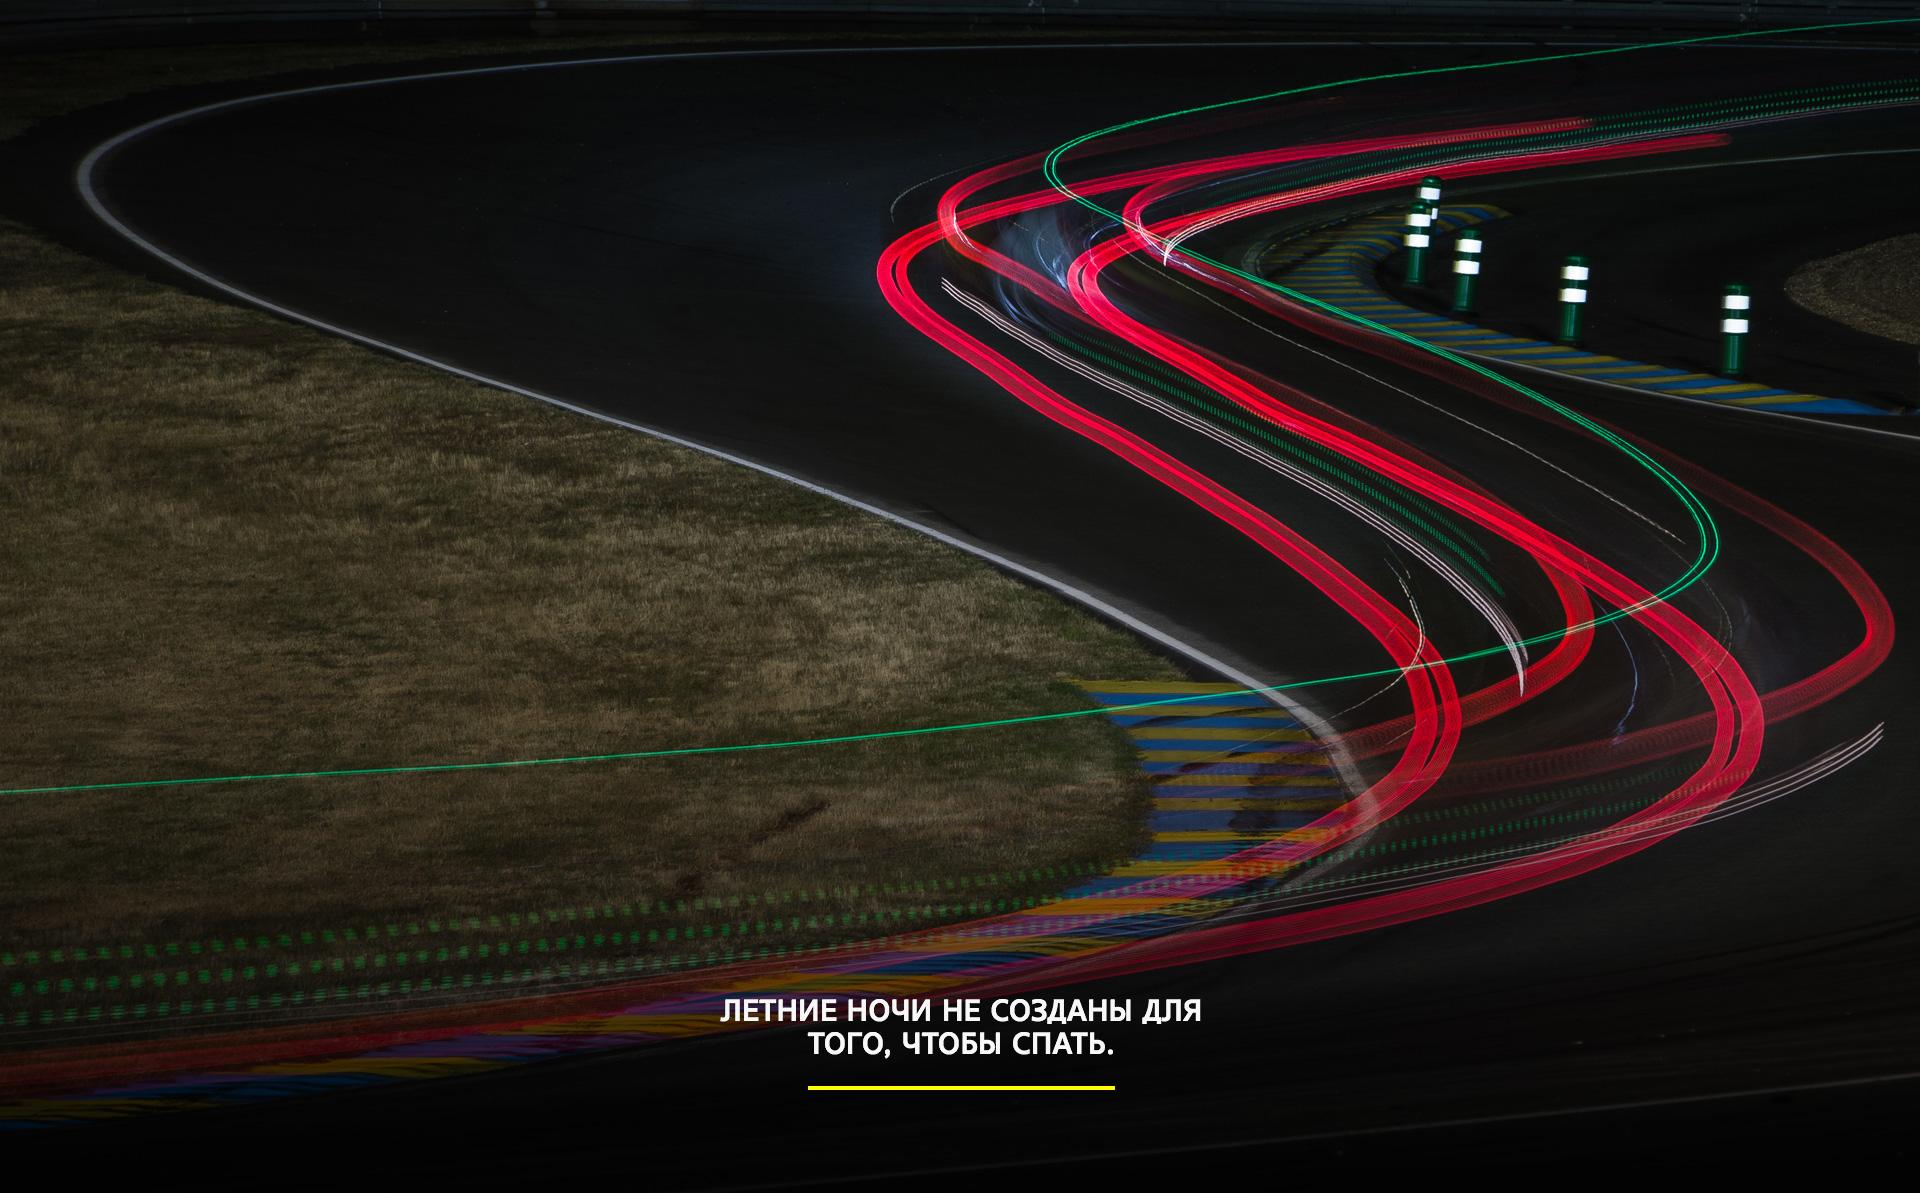 Переднеприводный автомобиль-пылесос пытается победить в Ле-Мане: как это работает. Фото 19